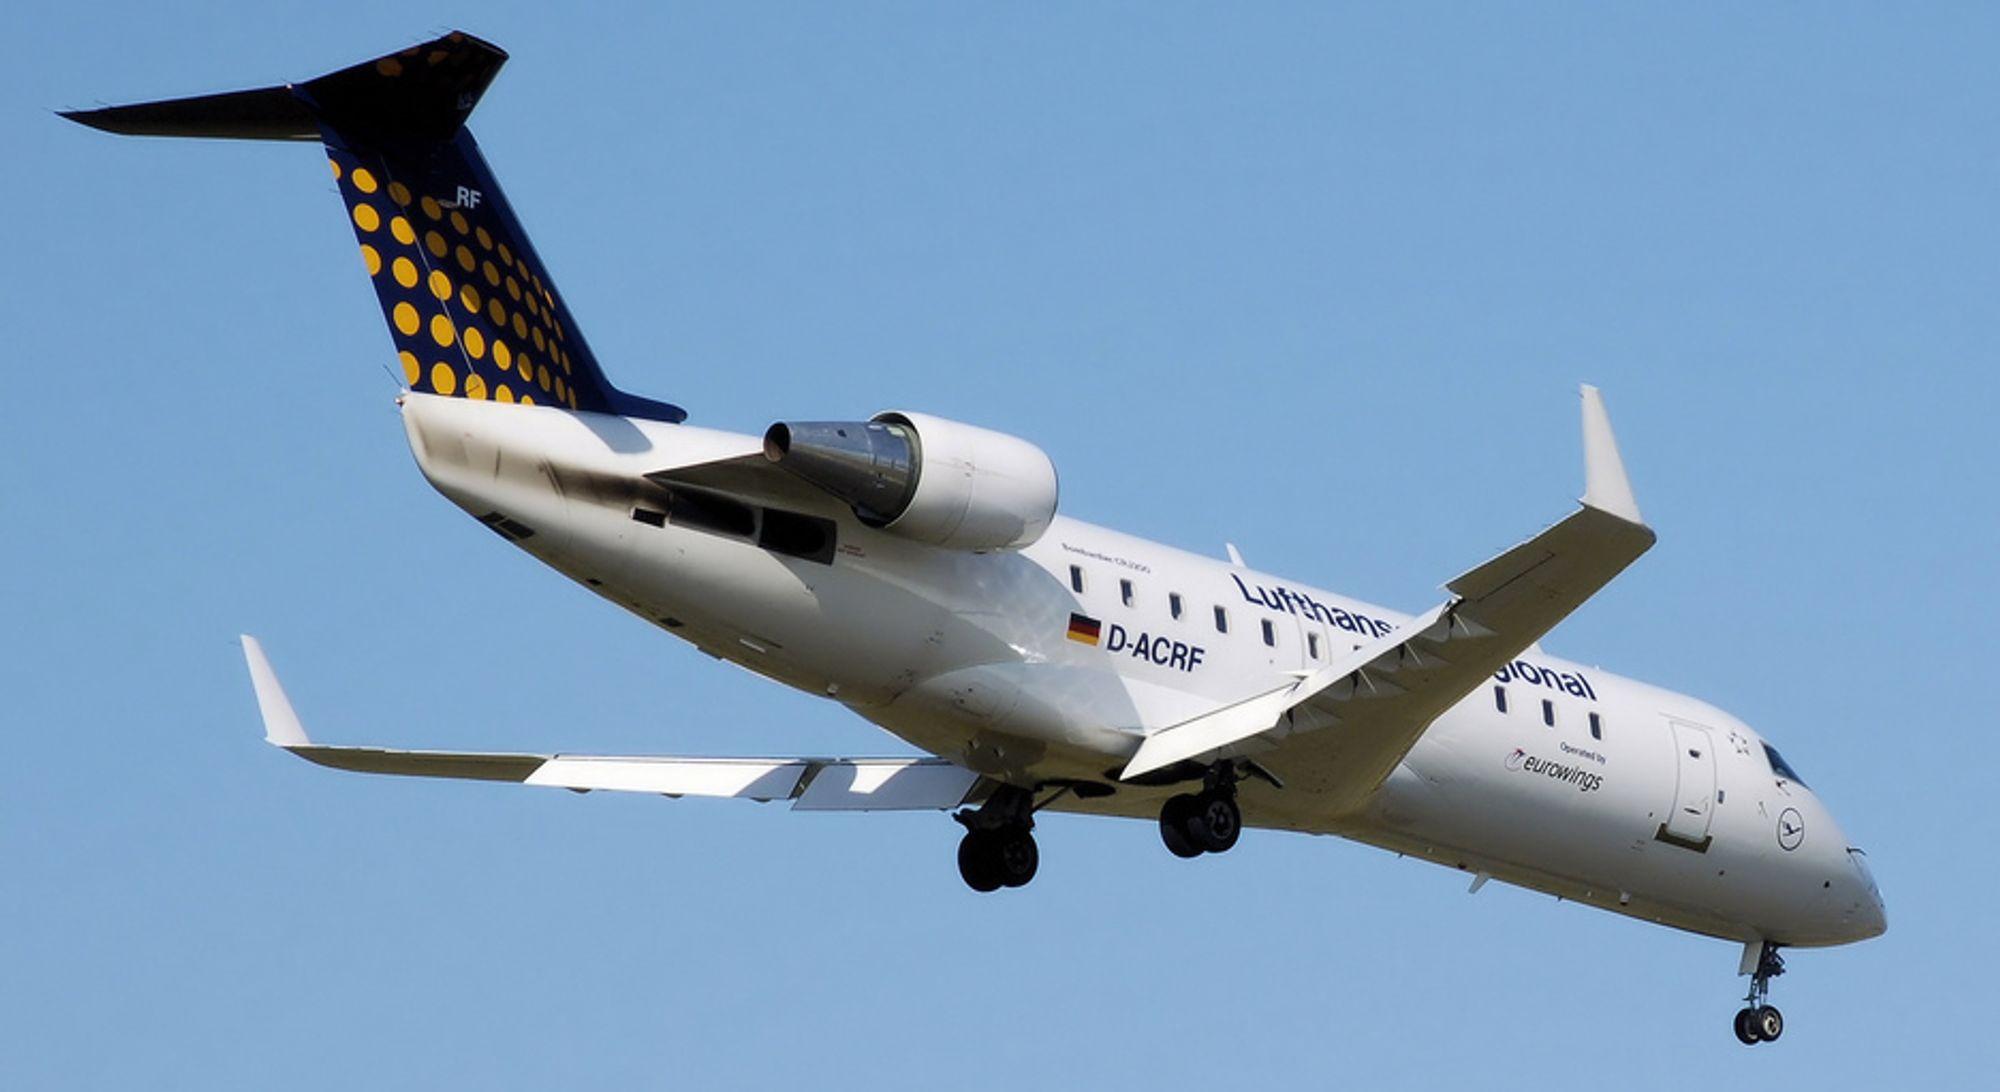 En Bombardier CRJ-200 i Lufthansa-bekledning. Fly av denne typen skal nå erstatte flere av SAS Danmarks Q400-fly som er tatt ut av tjeneste.